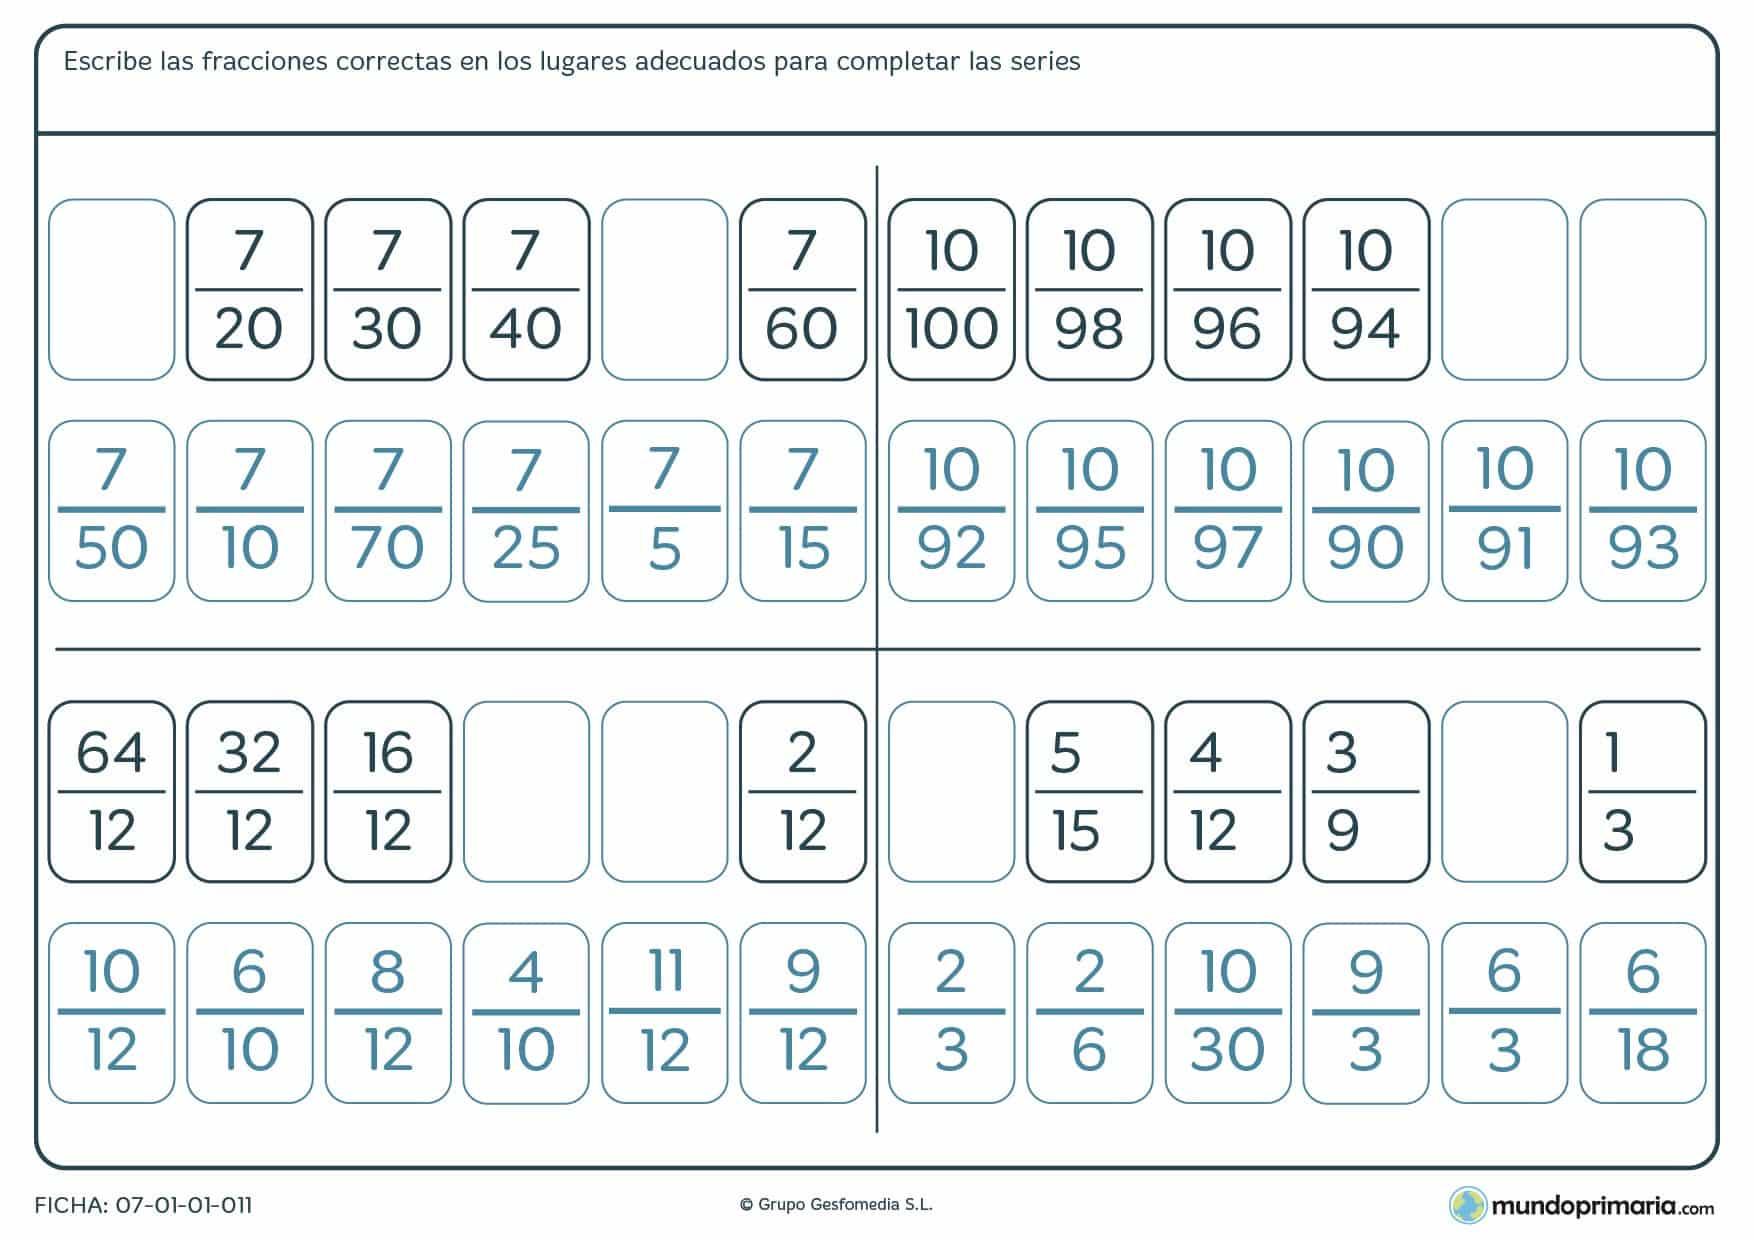 Ficha de completar series de fracciones completando los espacios en blanco.